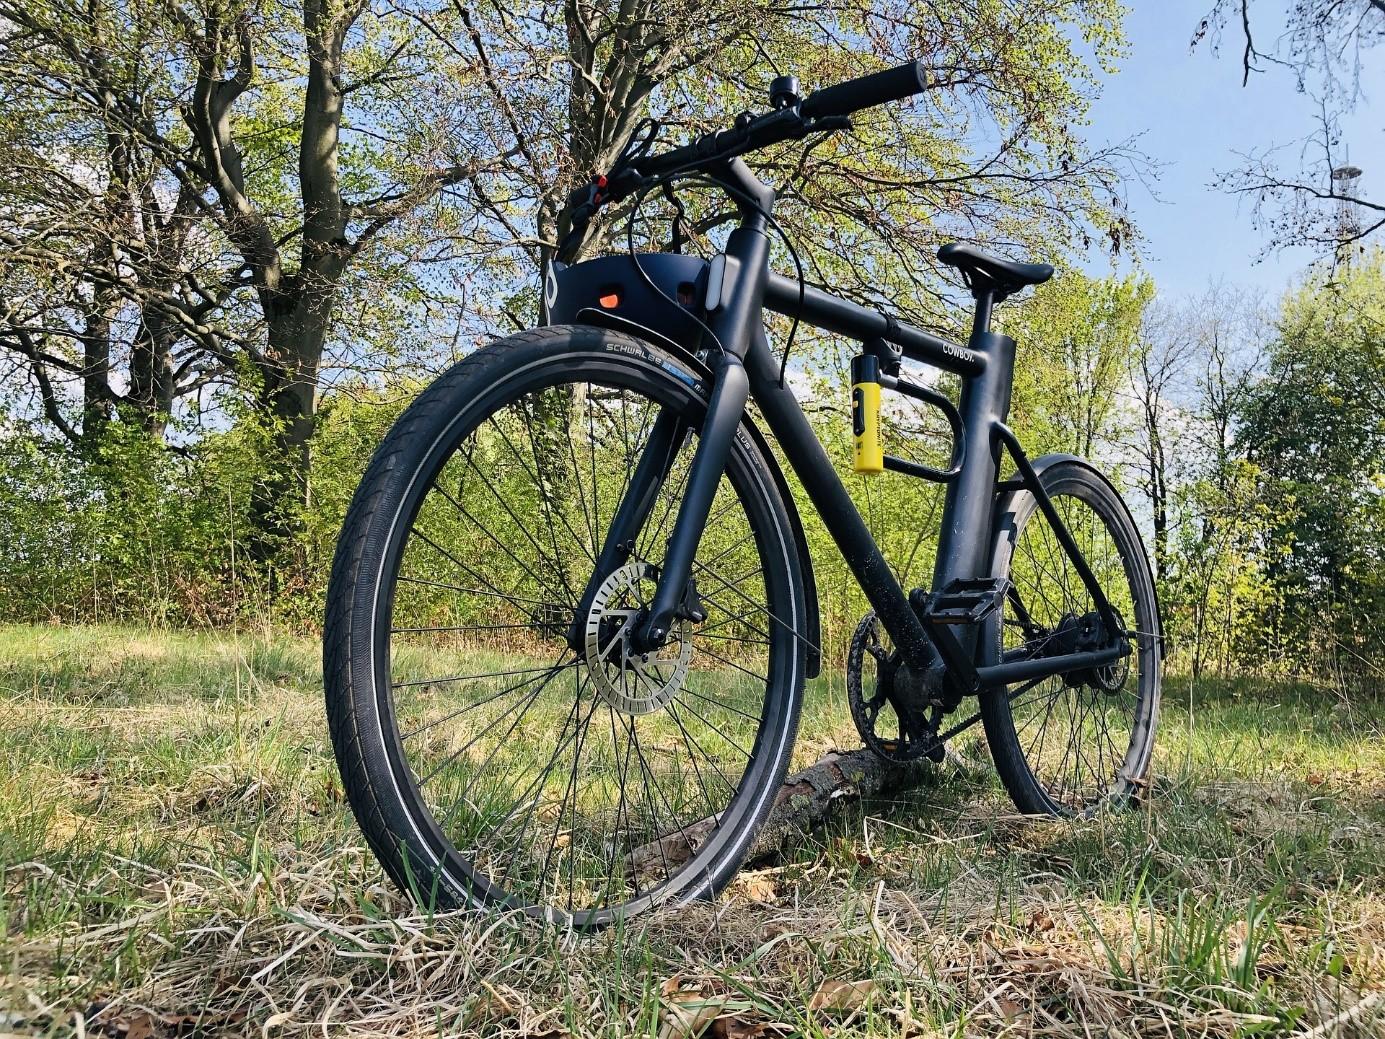 Wie versichert man am besten ein E-Bike?